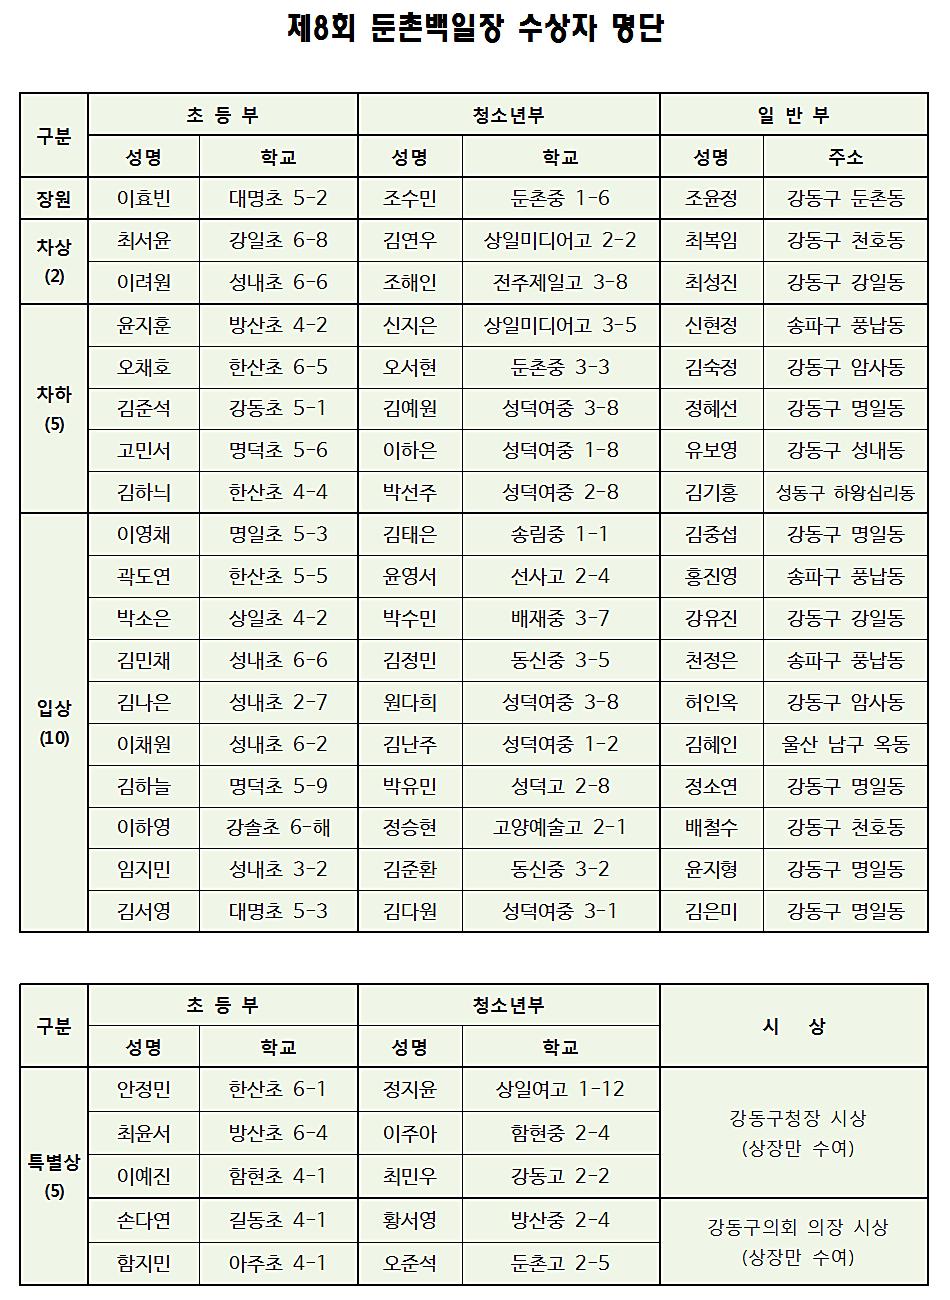 01_제8회 둔촌백일장 수상자 명단(2019).png